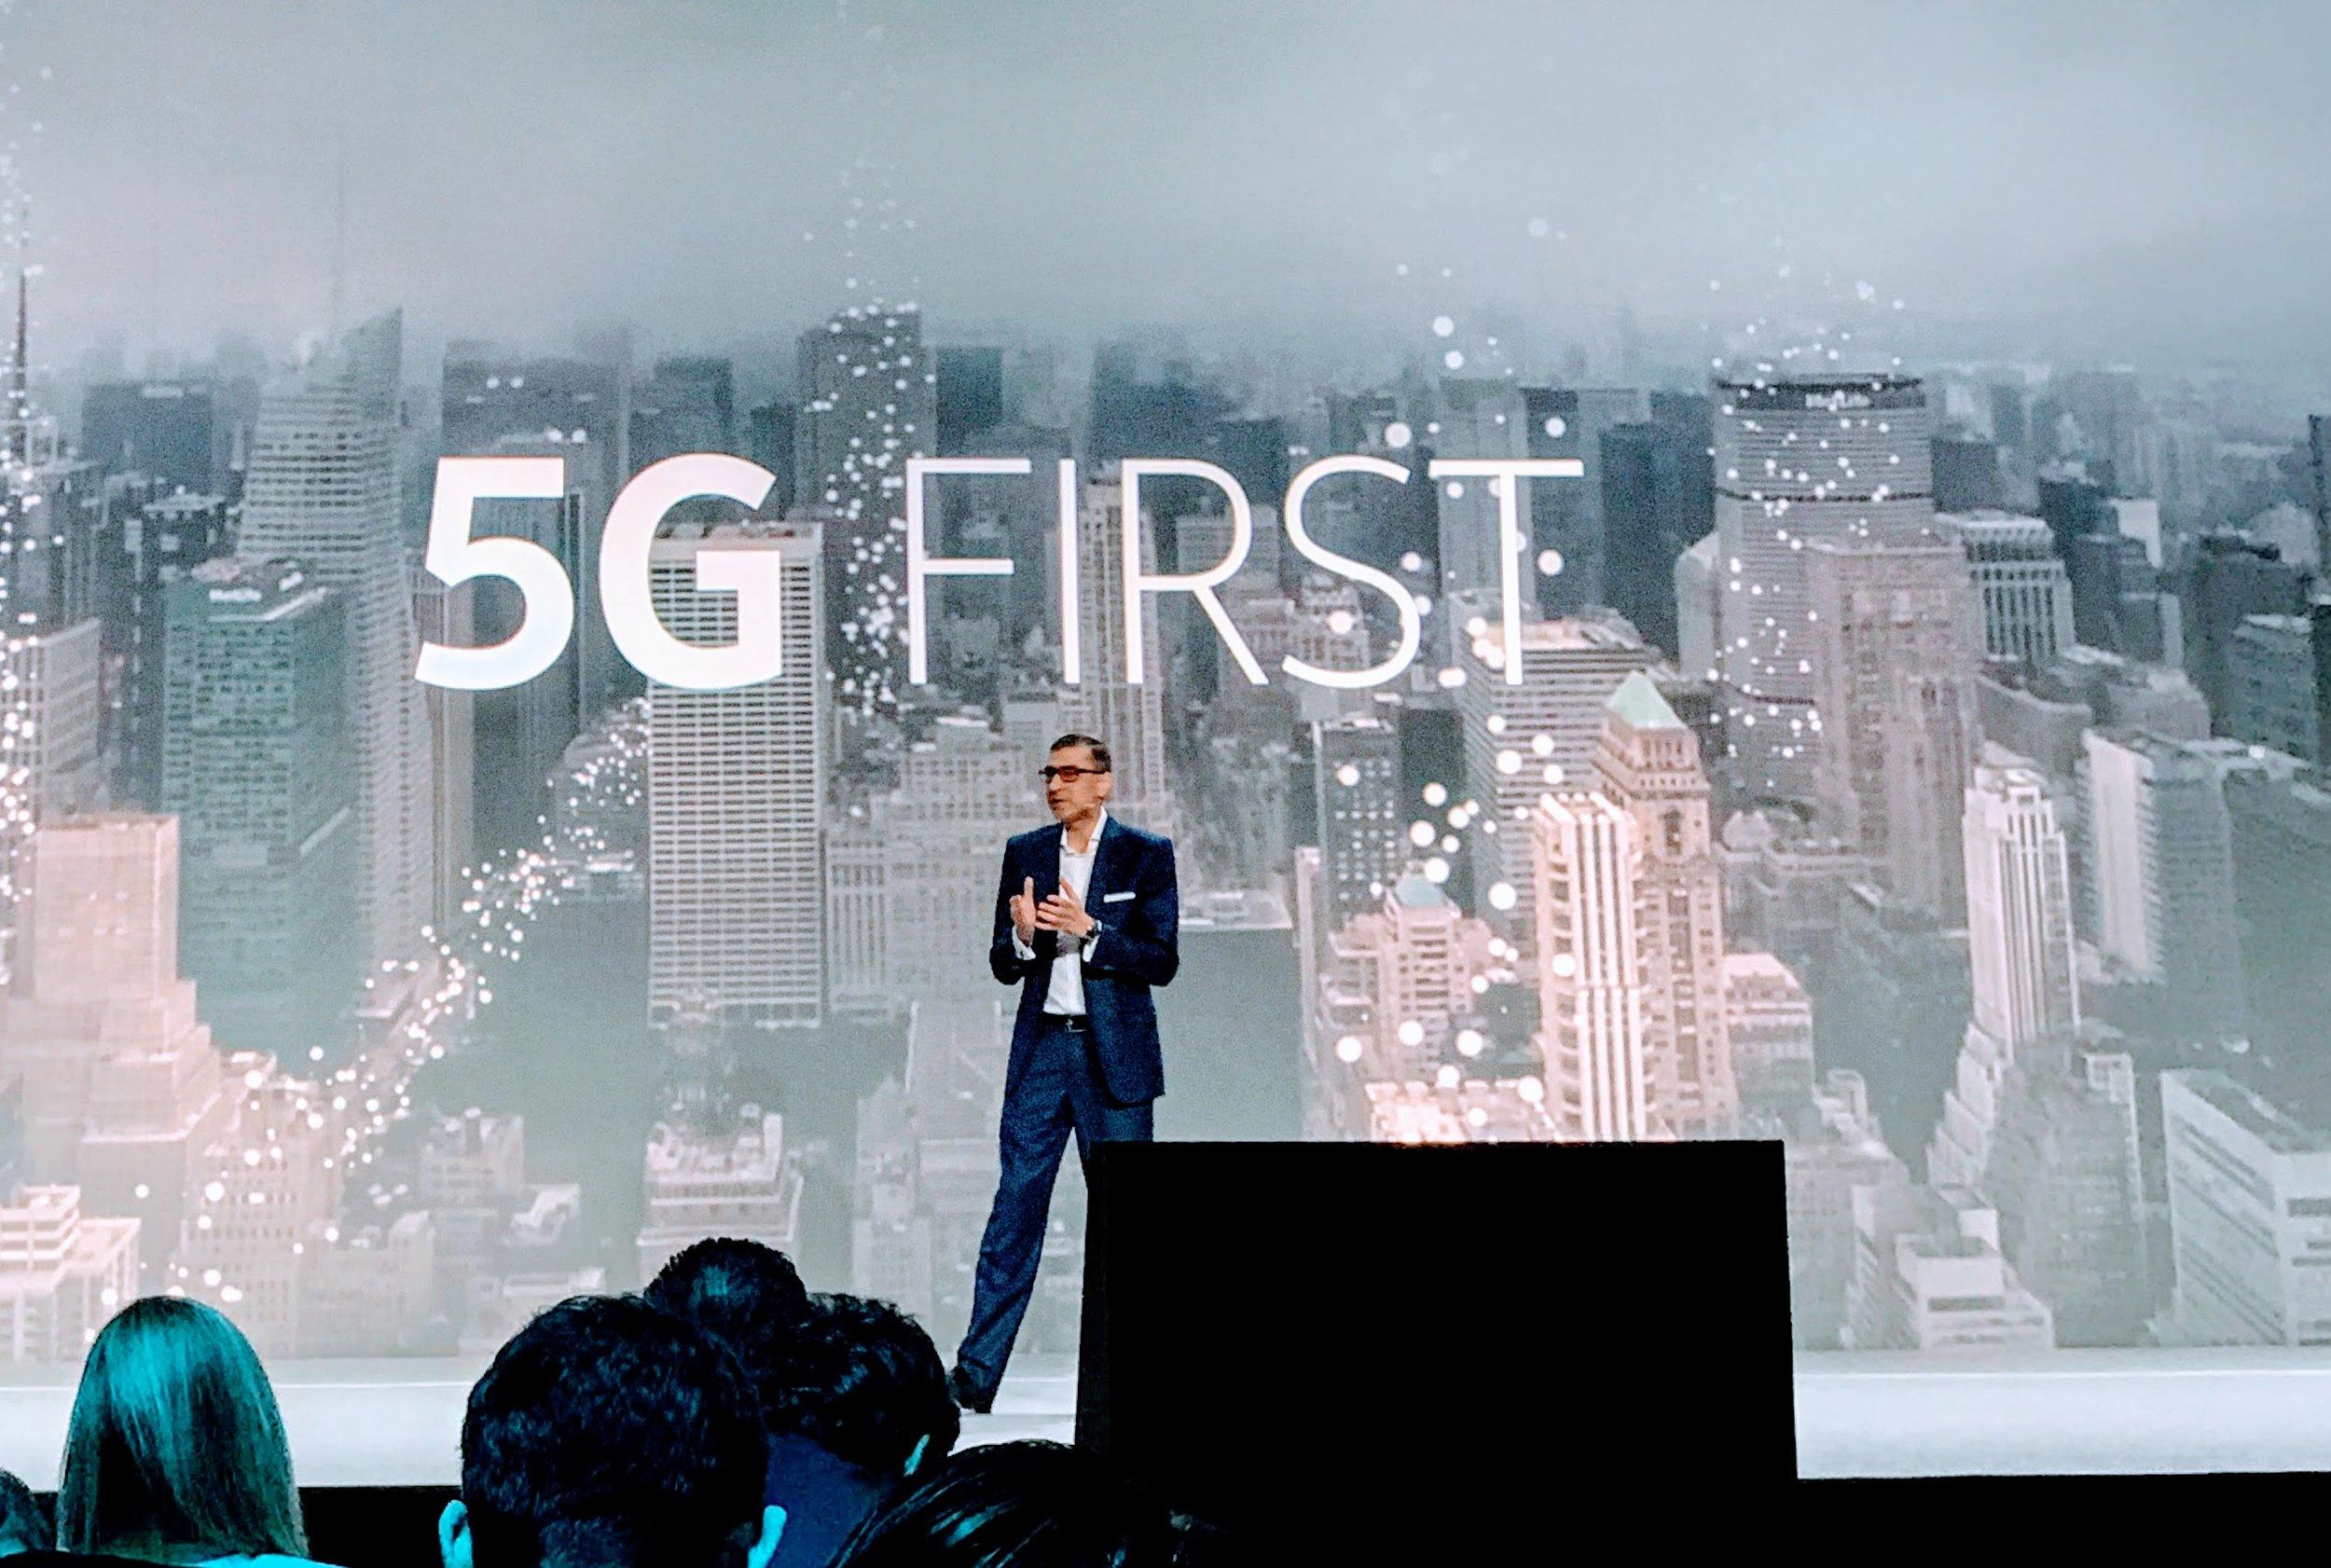 Mobile World Congress 2017: Nokias Rückkehr in den Hosensack.  Die Finnen haben weit mehr im Gepäck als ein Remake des legendären 3310. Die Firma ist für die Zukunft gut aufgestellt.    SonntagsZeitung, 5. März 2017